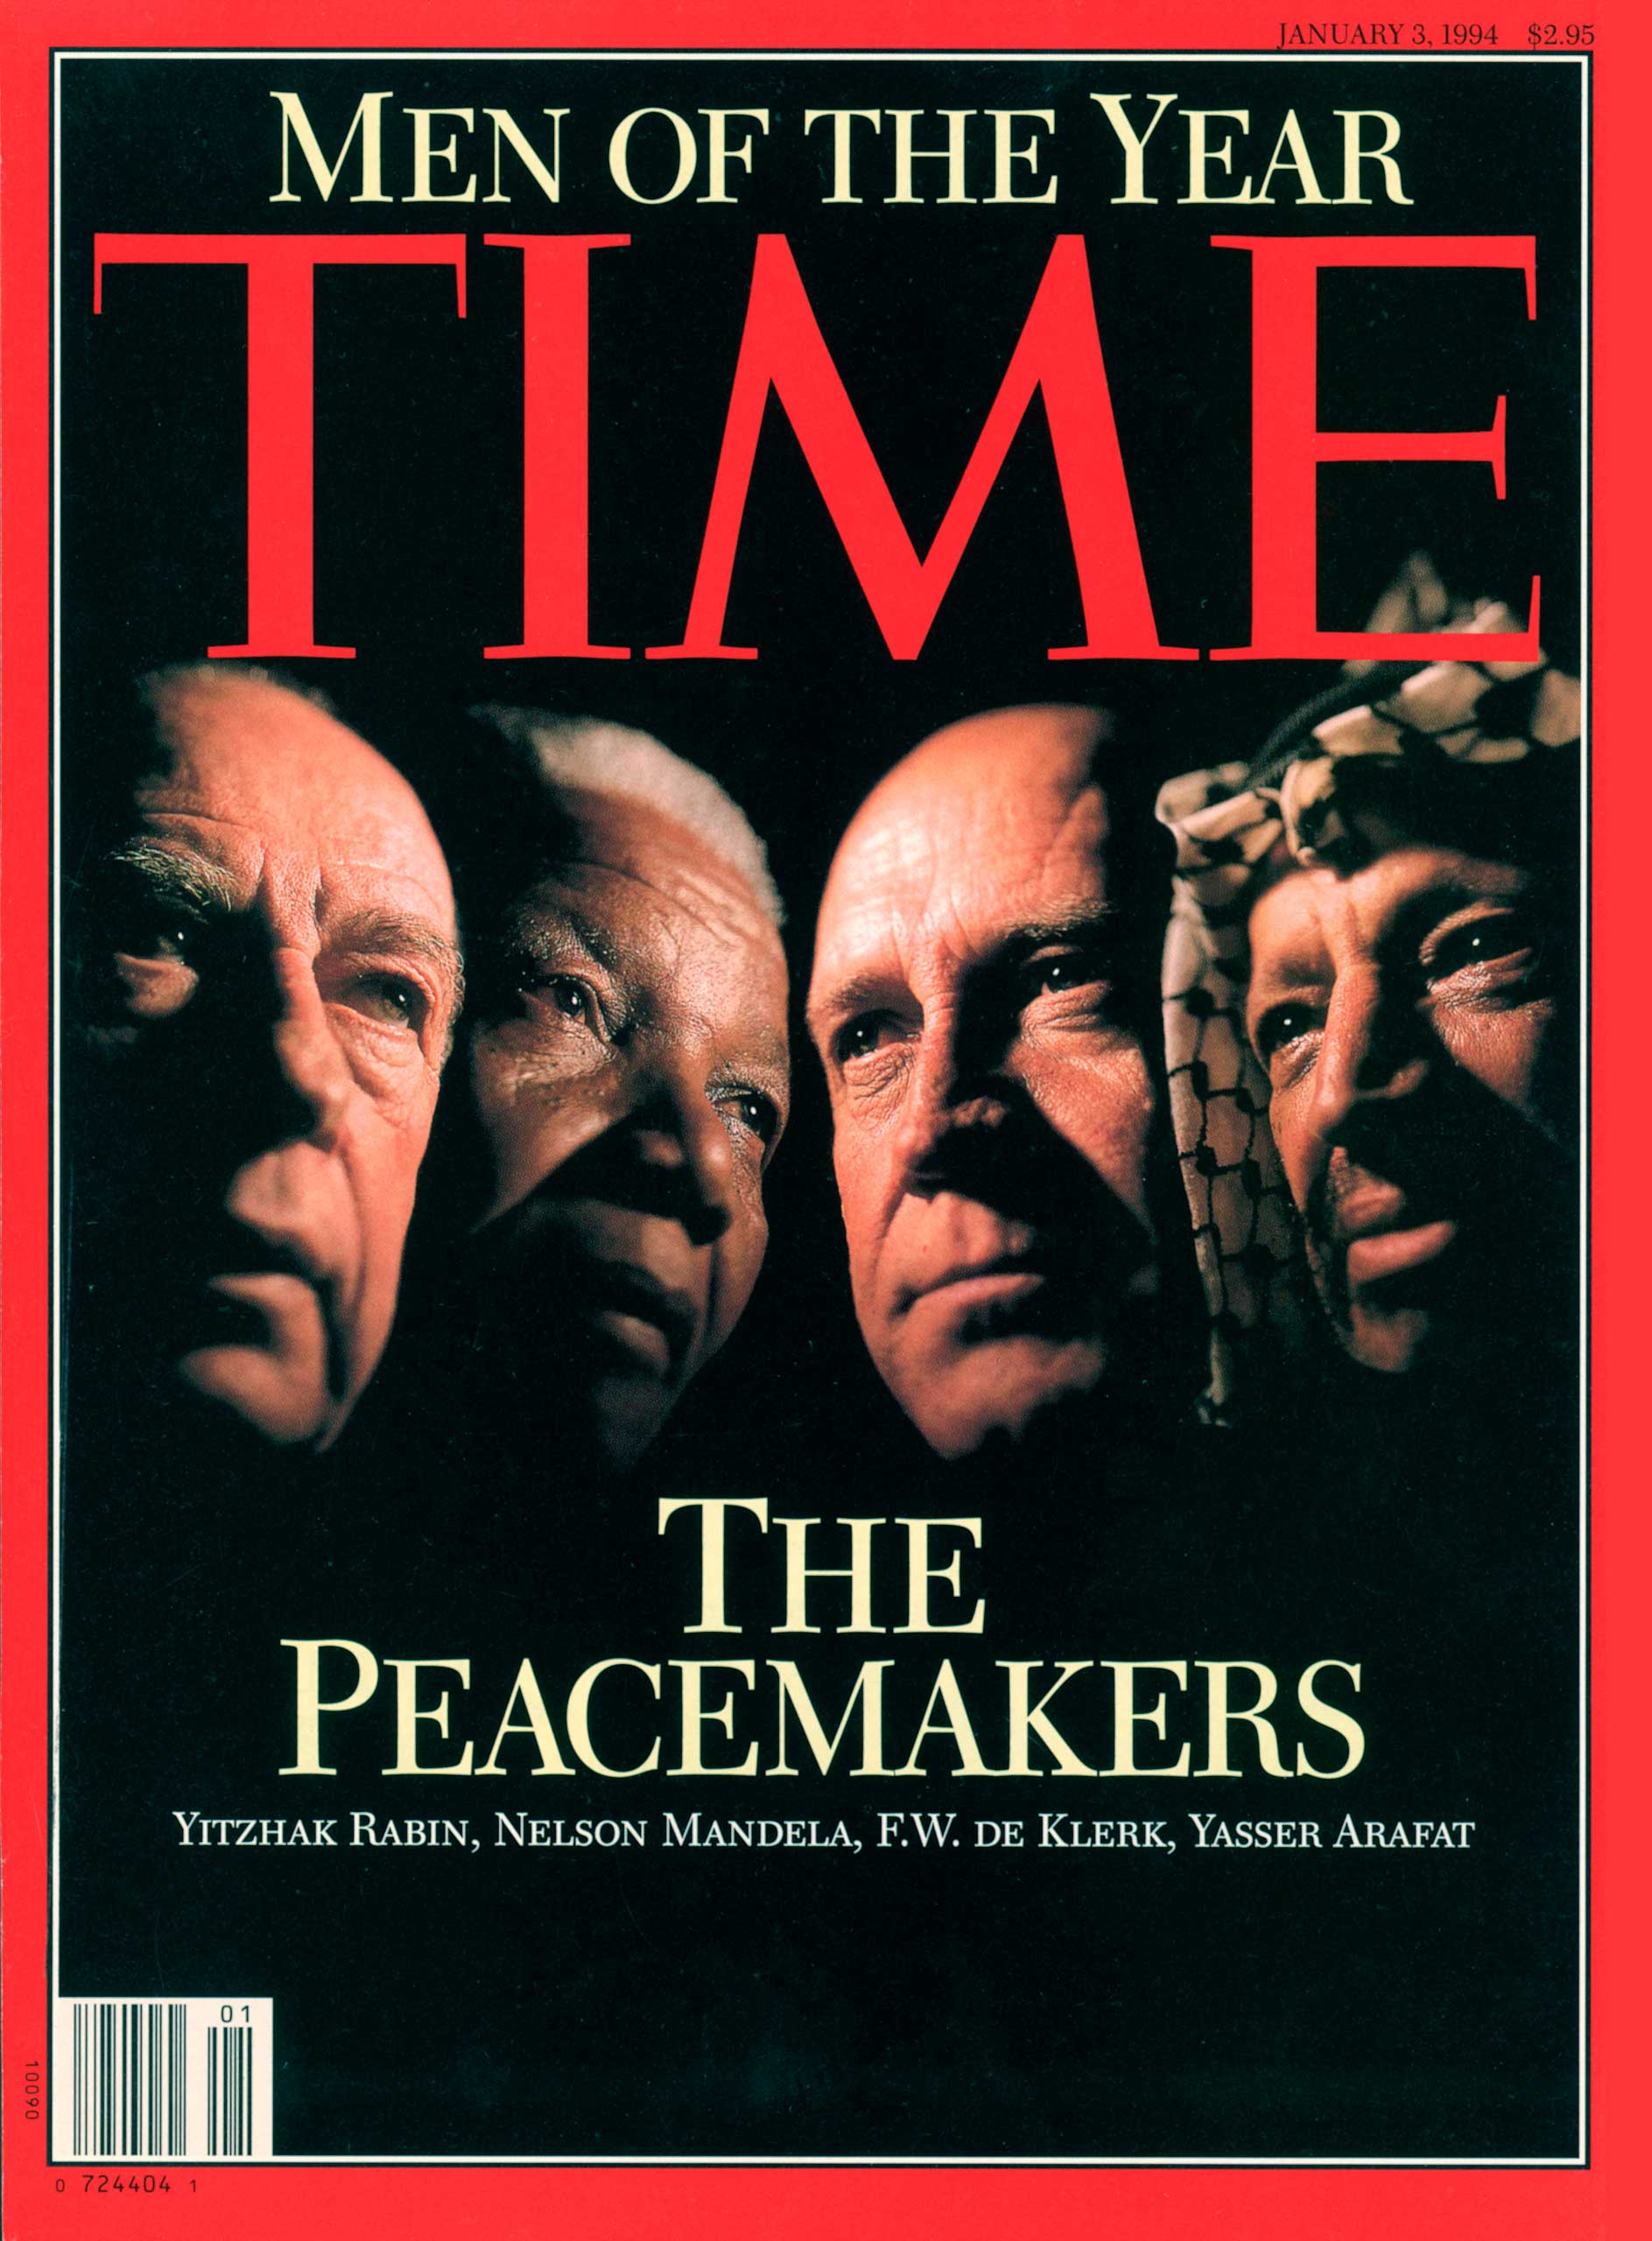 1993: The Peacemakers: Yitzhak Rabin, Nelson Mandela, F.W. De Klerk, Yasser Arafat